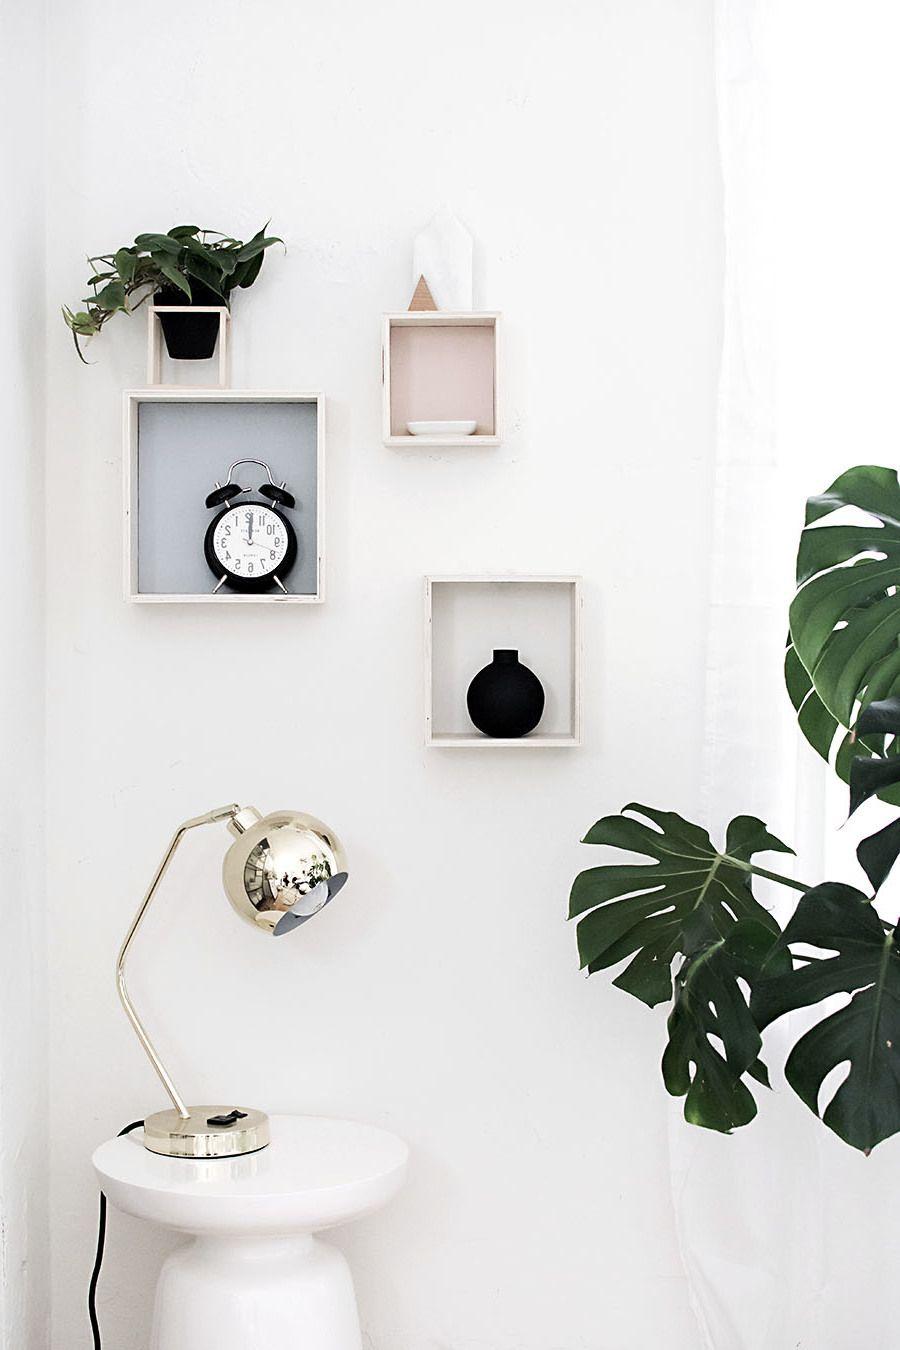 53 Minimalistische DIY Deko Ideen für moderne Wohnzimmer | Pinterest